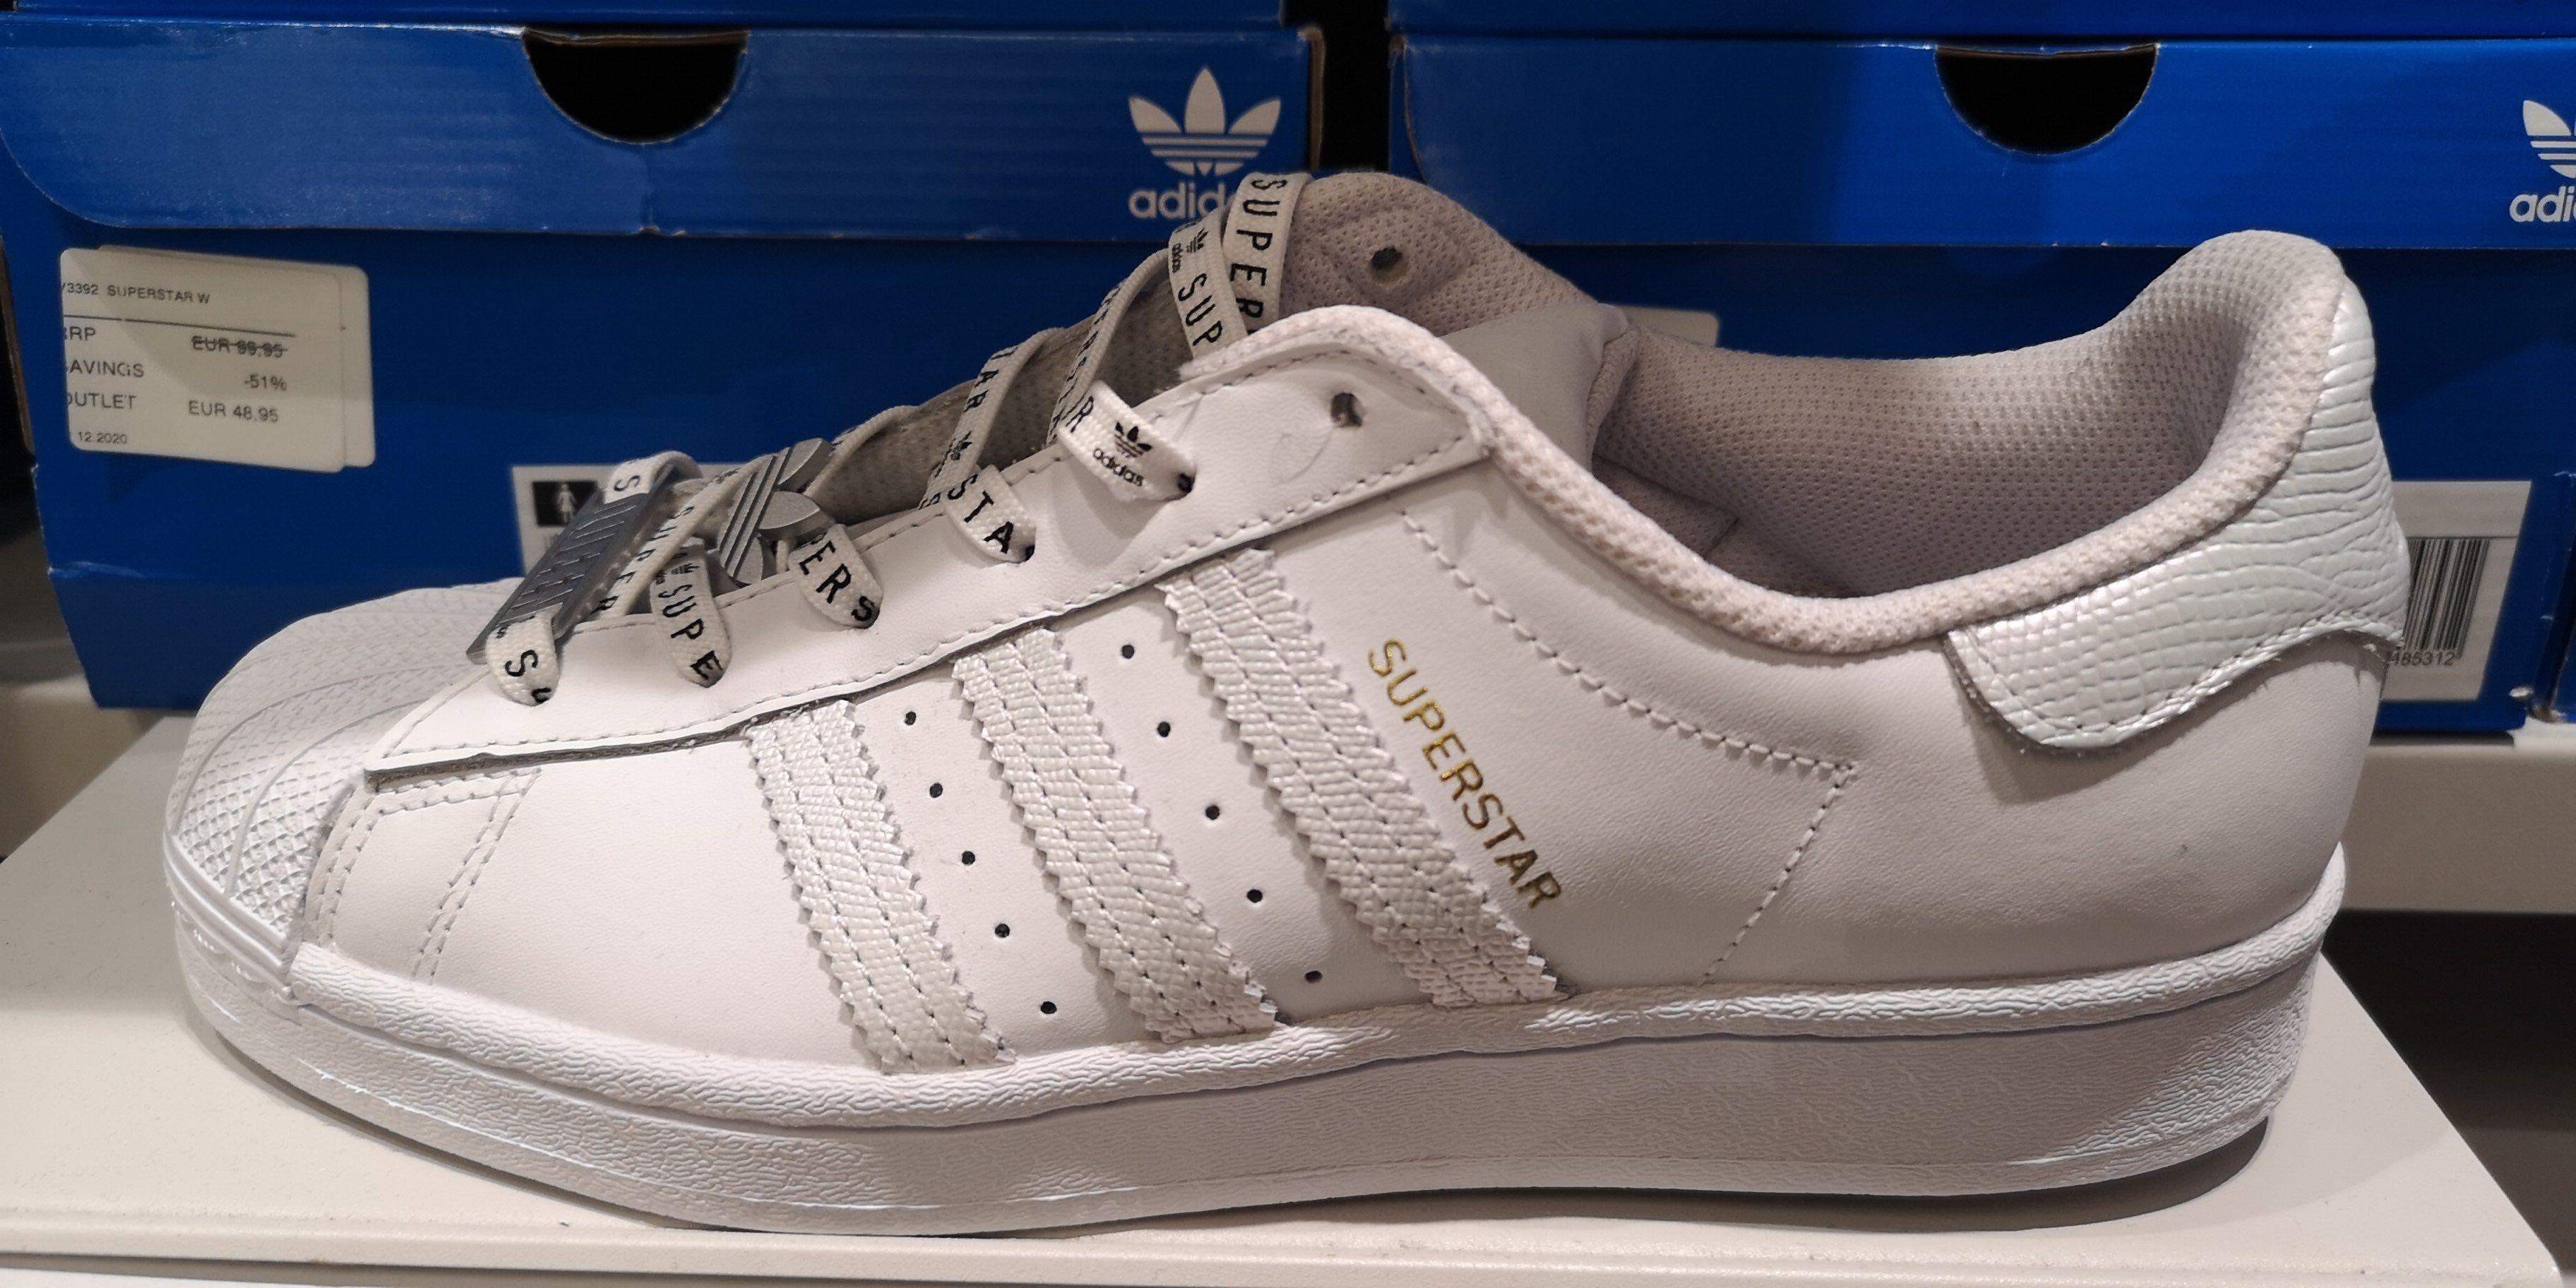 Álbum de graduación neumático Limpia la habitación  Adidas Superstar Adidas Outlet Alcorcón » Chollometro